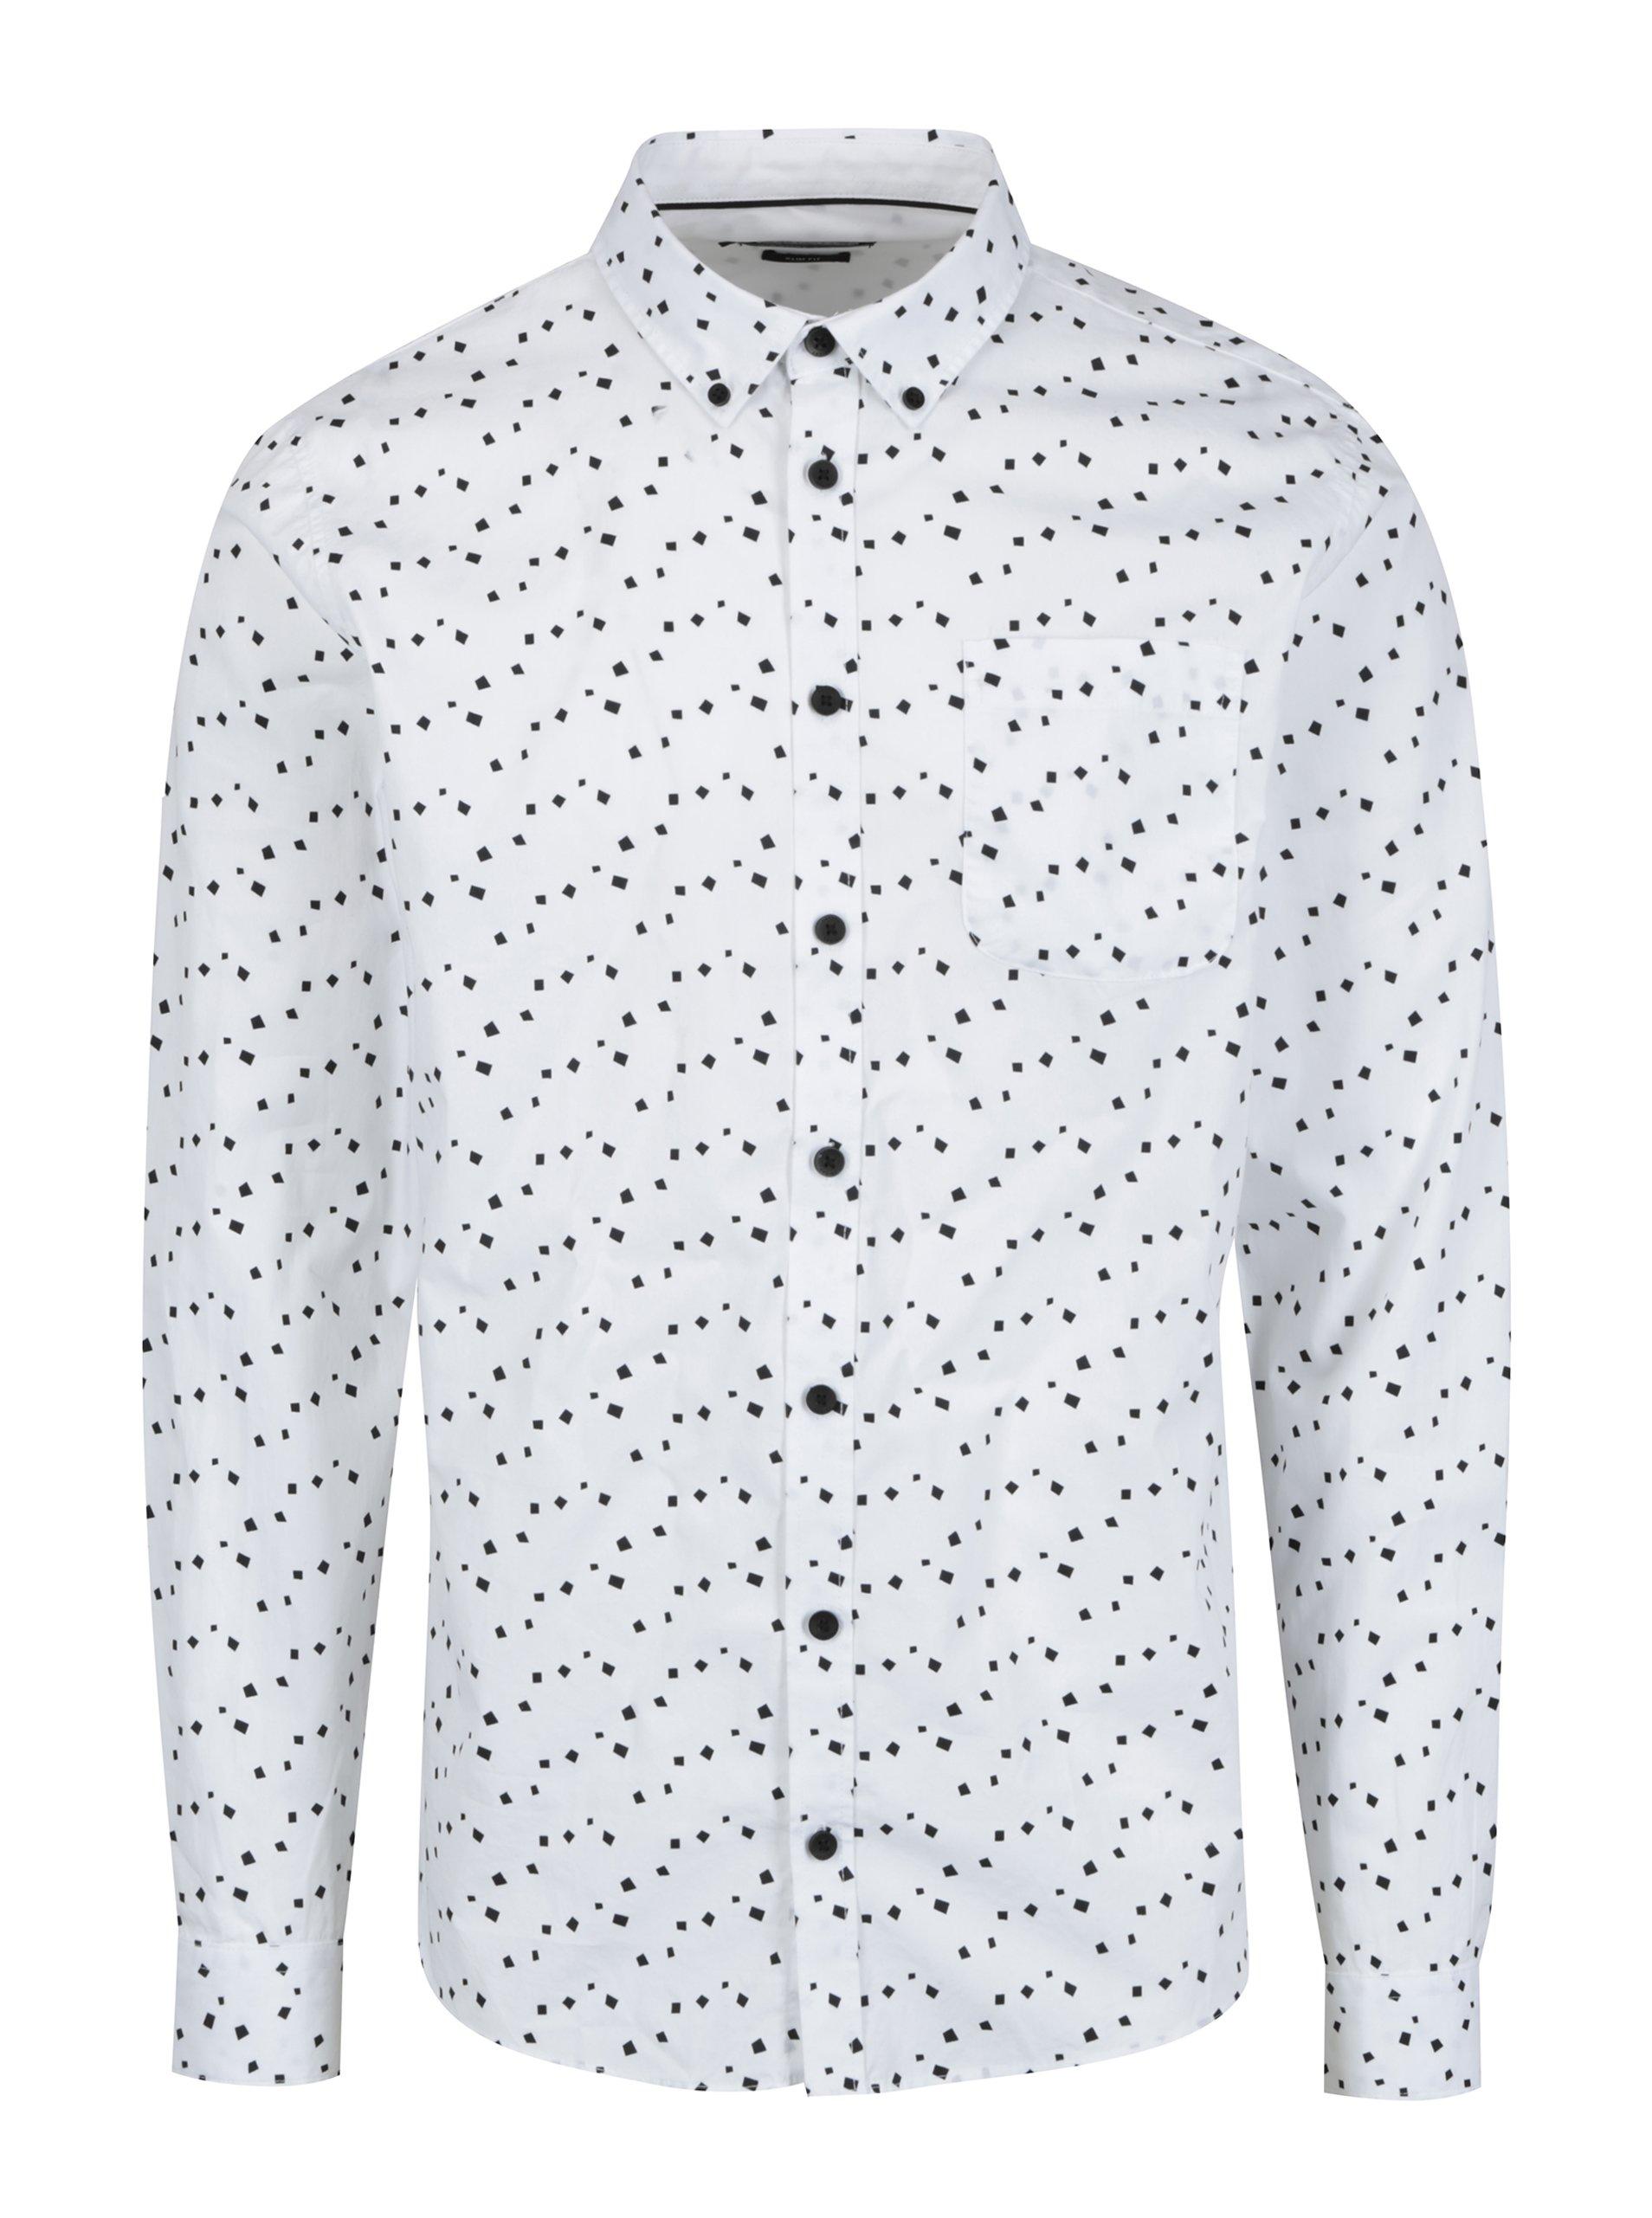 Bílá vzorovaná pánská slim fit košile Casual Friday by Blend